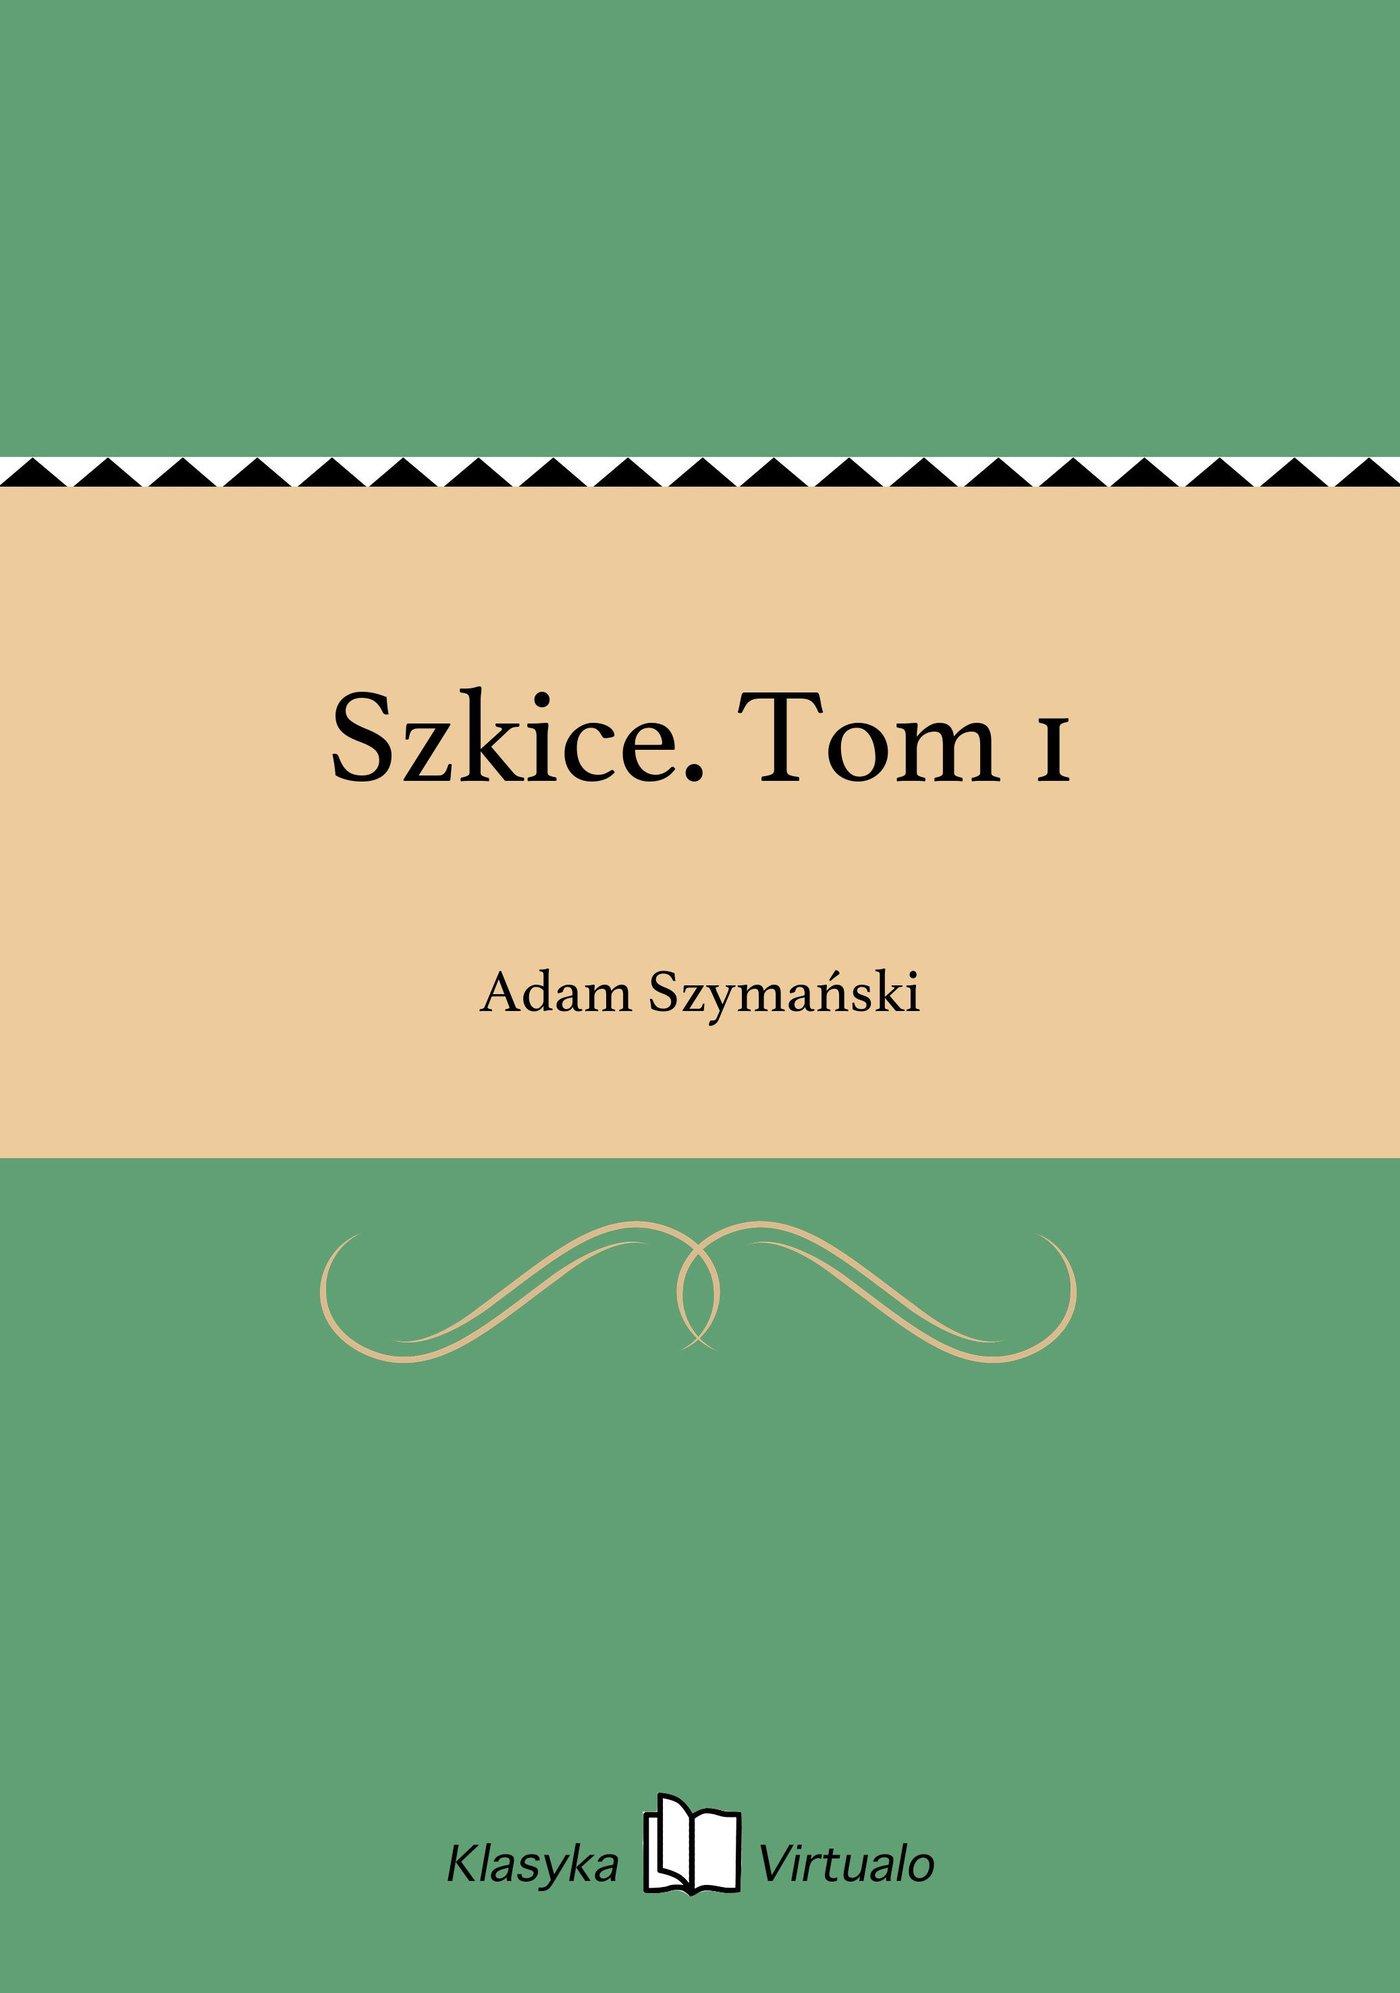 Szkice. Tom 1 - Ebook (Książka na Kindle) do pobrania w formacie MOBI